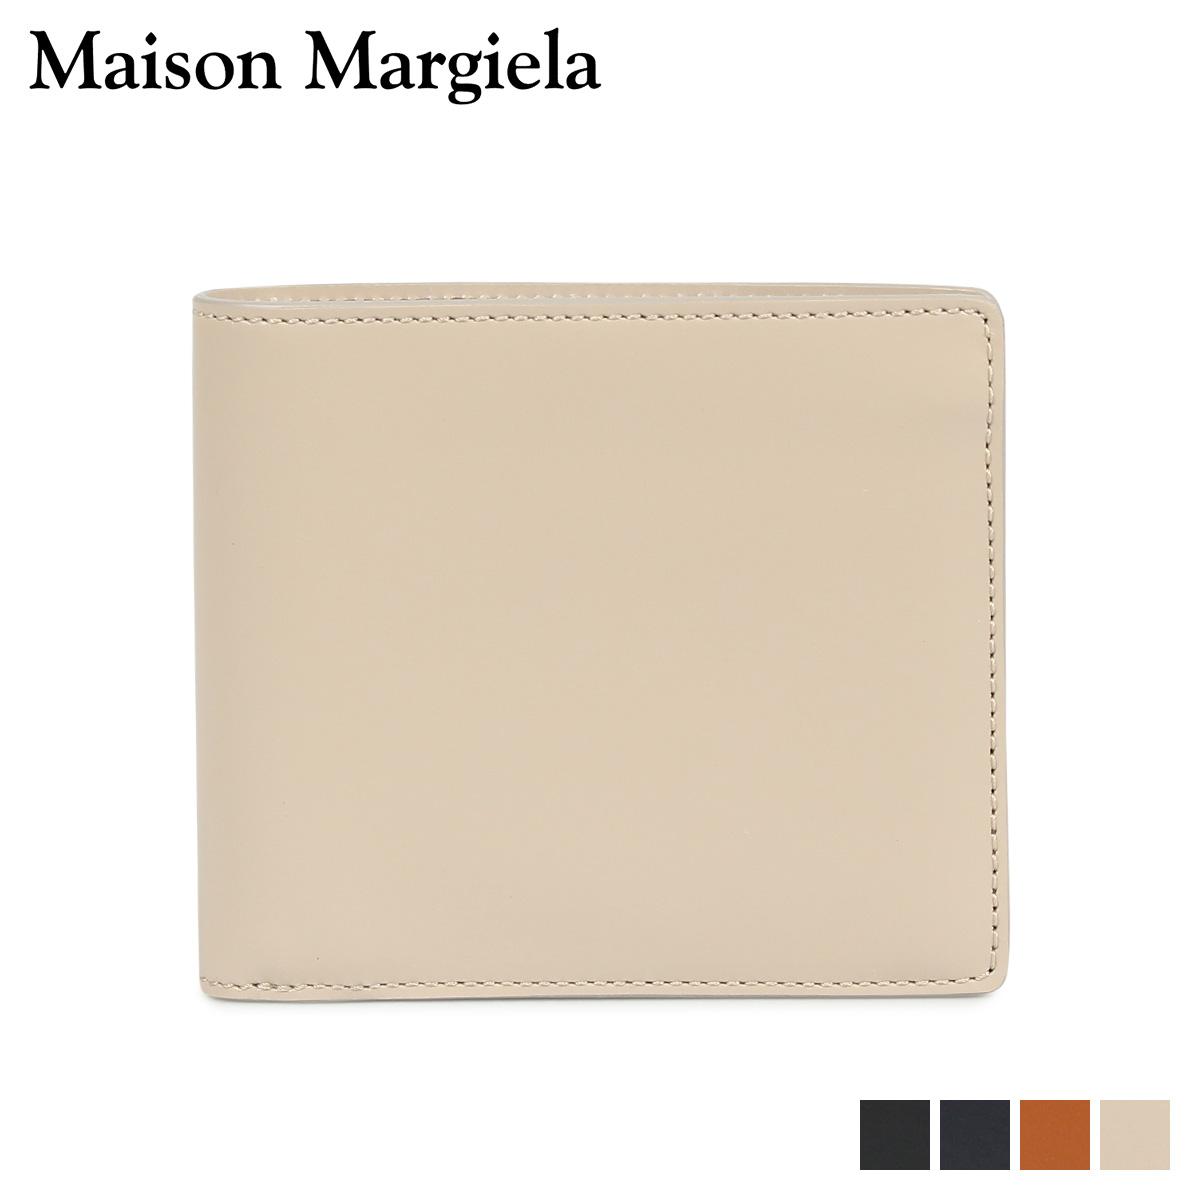 MAISON MARGIELA メゾンマルジェラ 財布 二つ折り メンズ レディース BI-FOLD WALLET レザー ブラック ダーク ネイビー ベージュ ブラウン 黒 S35UI0435 P2714